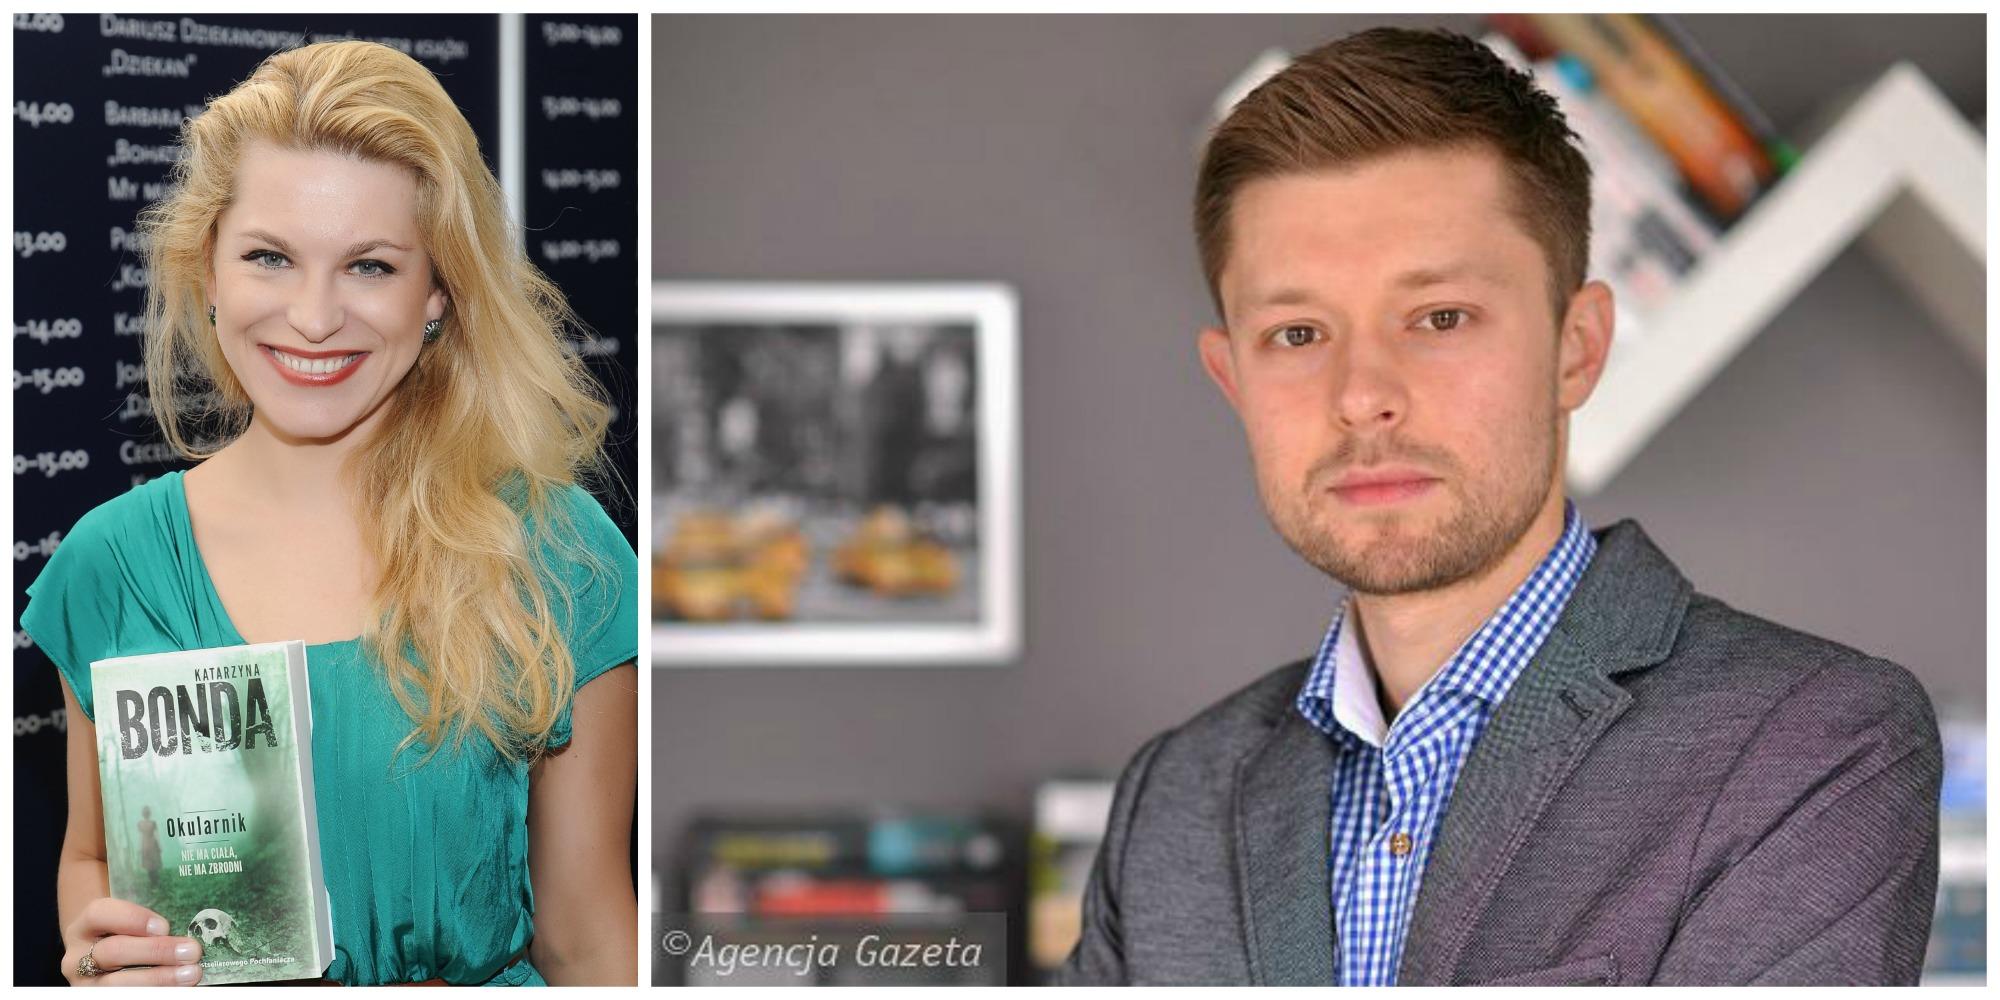 Katarzyna Bonda i Remigiusz Mróz to dziś jedni z najbardziej poczytnych polskich pisarzy (fot. Cezary Piwowarski / Wikimedia.org / CC-BY-3.0 / Jakub Malik / Agencja Gazeta)